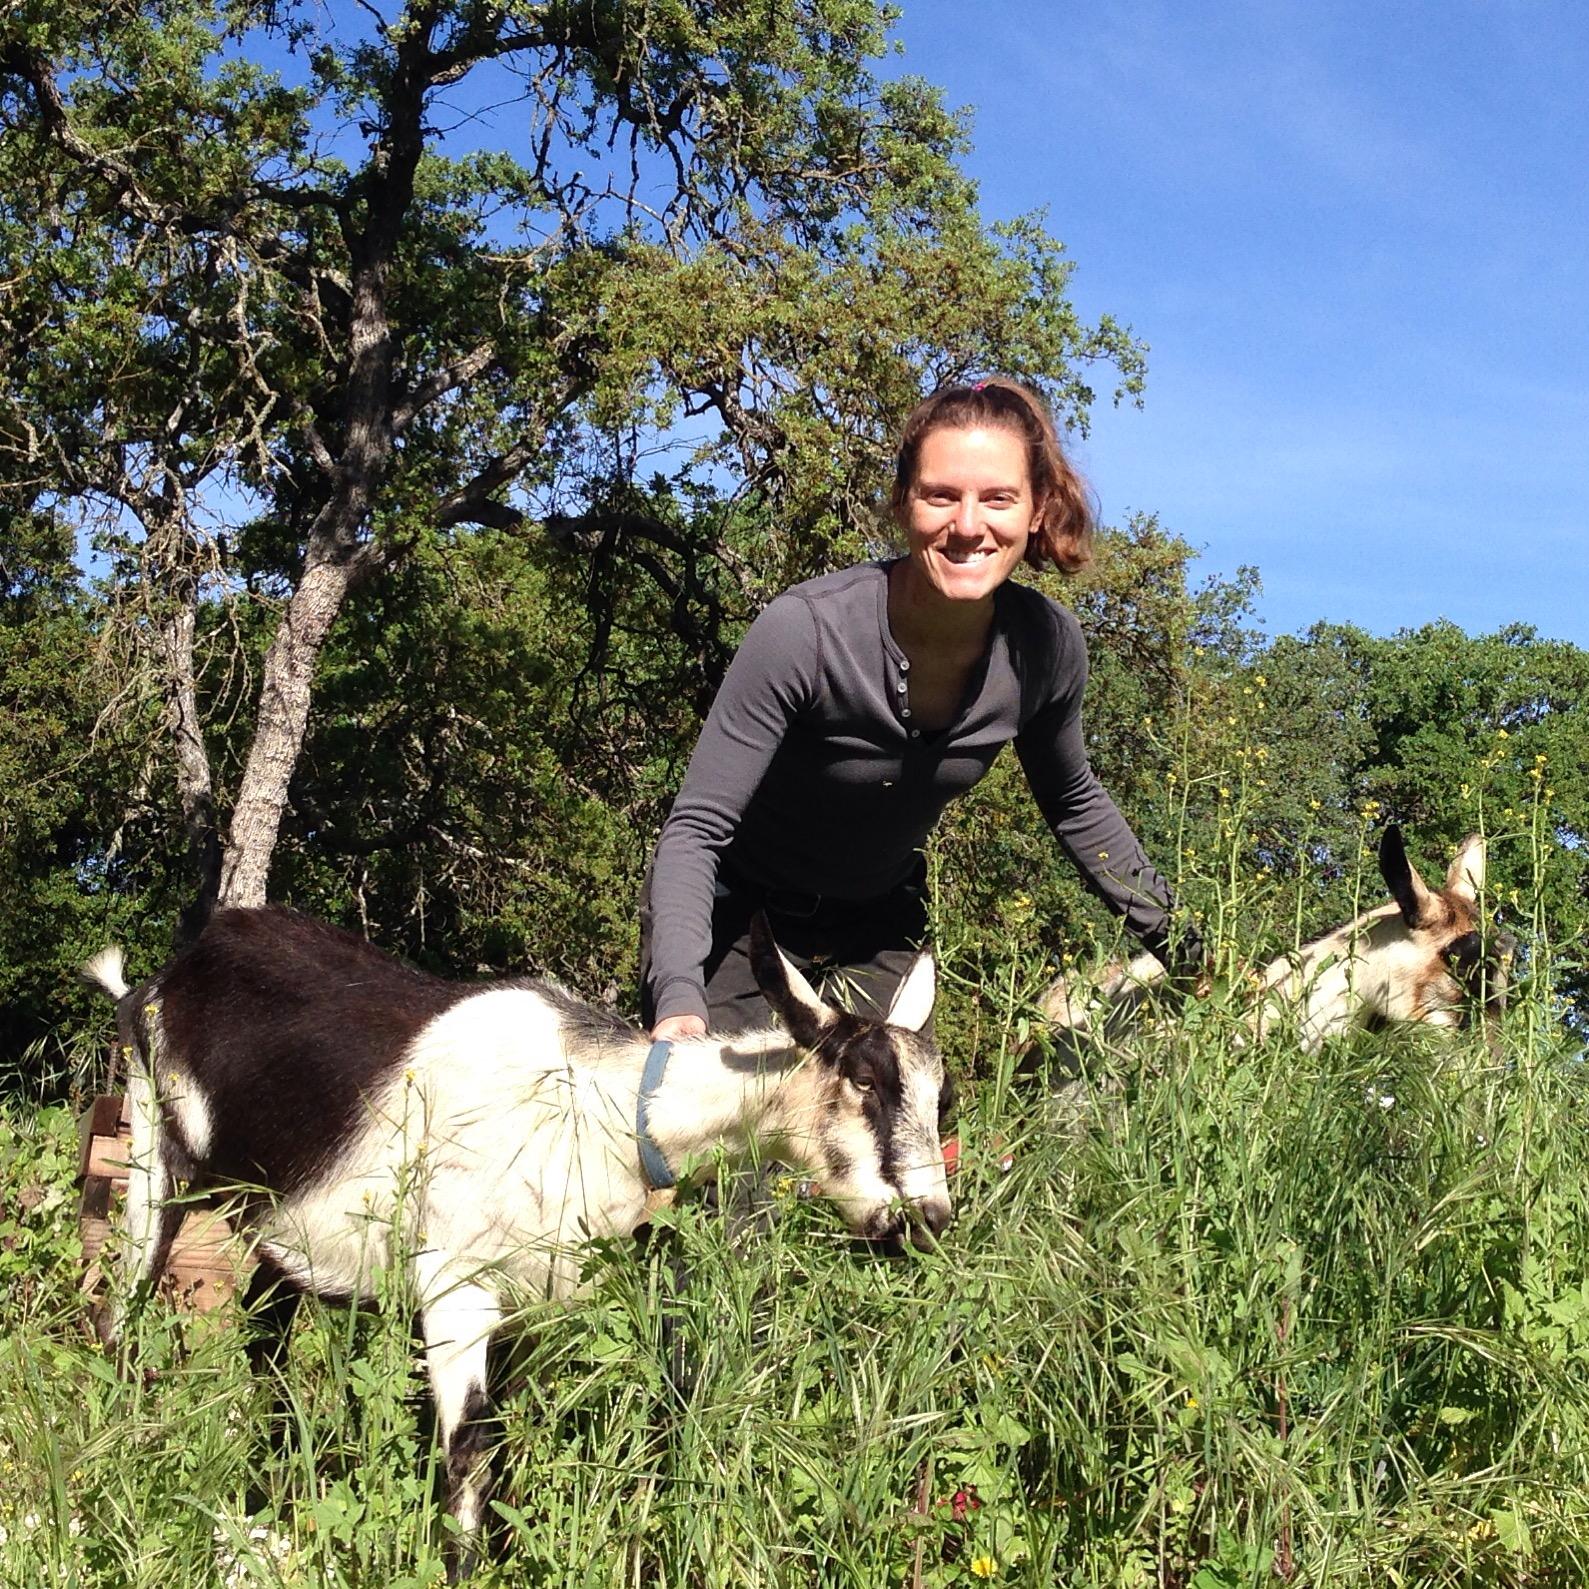 sarah & goats.jpg